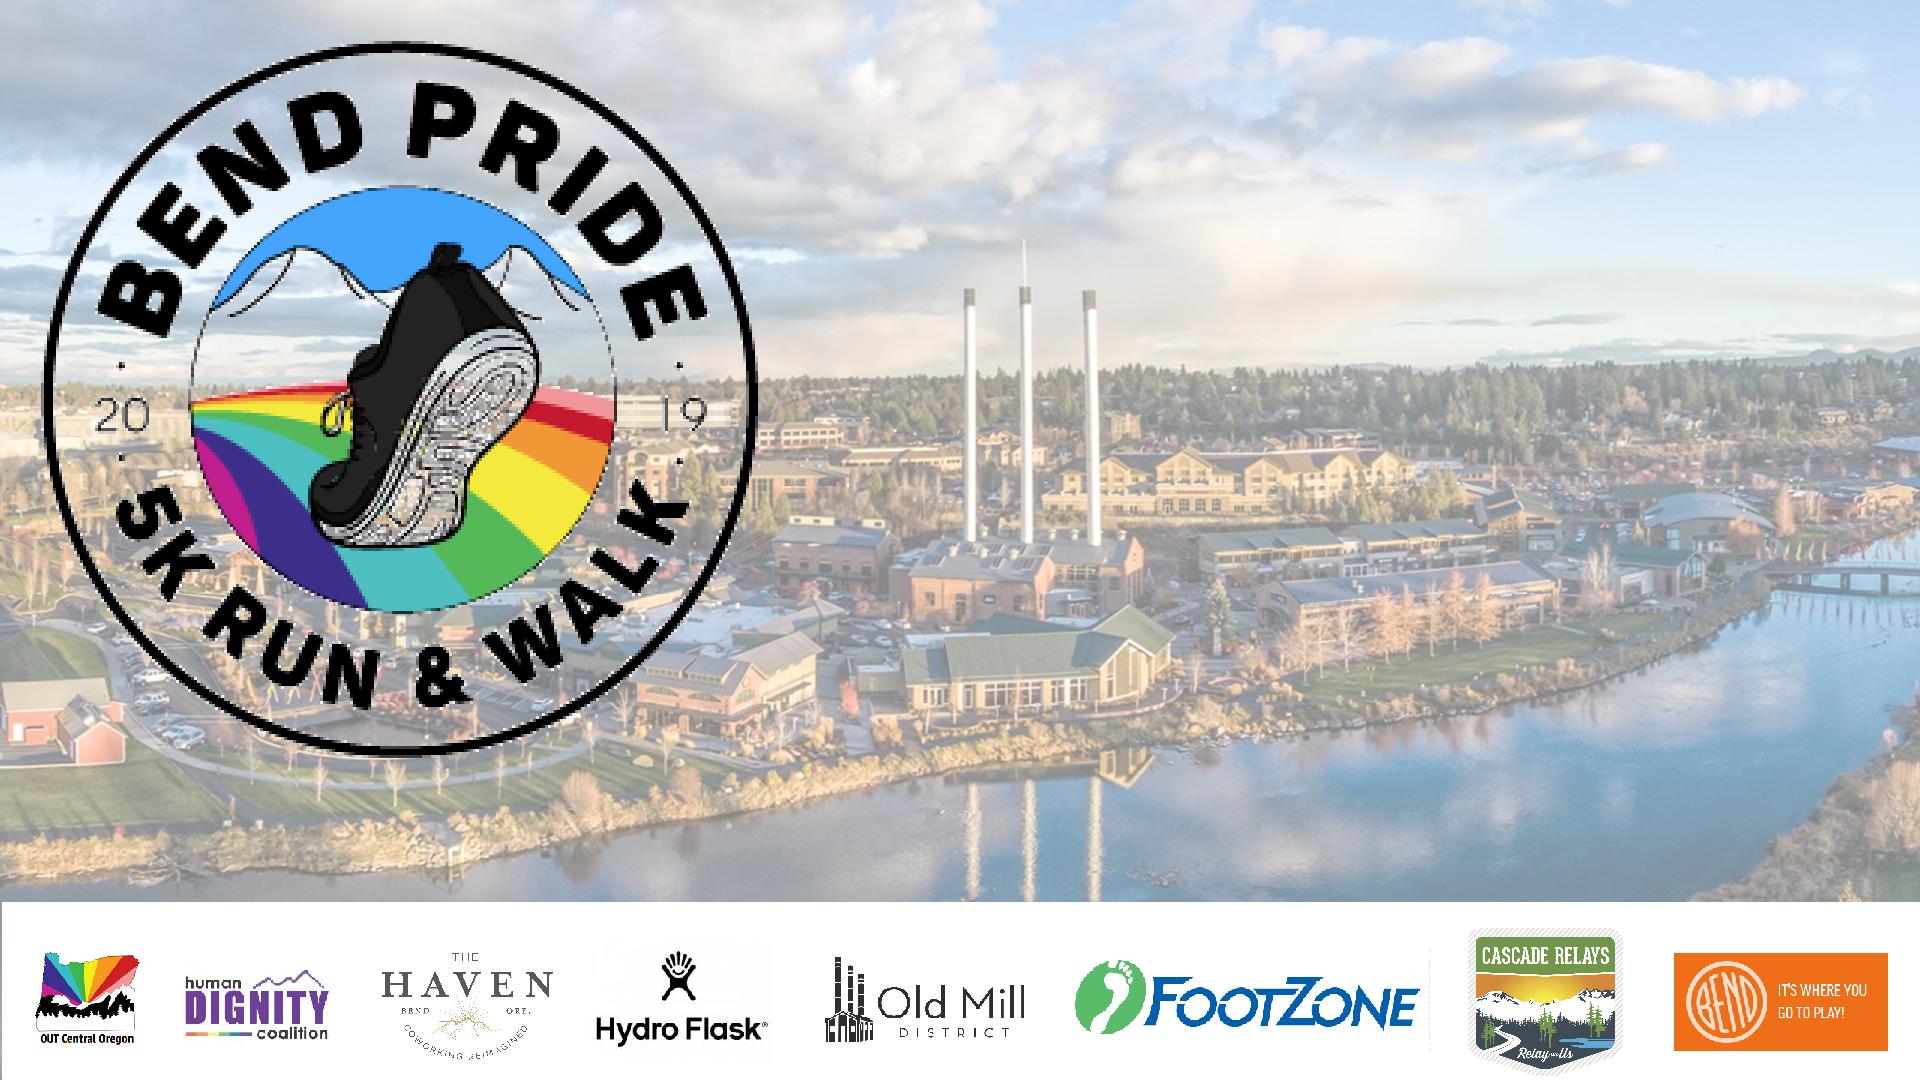 Bend Pride 5k Run and Walk